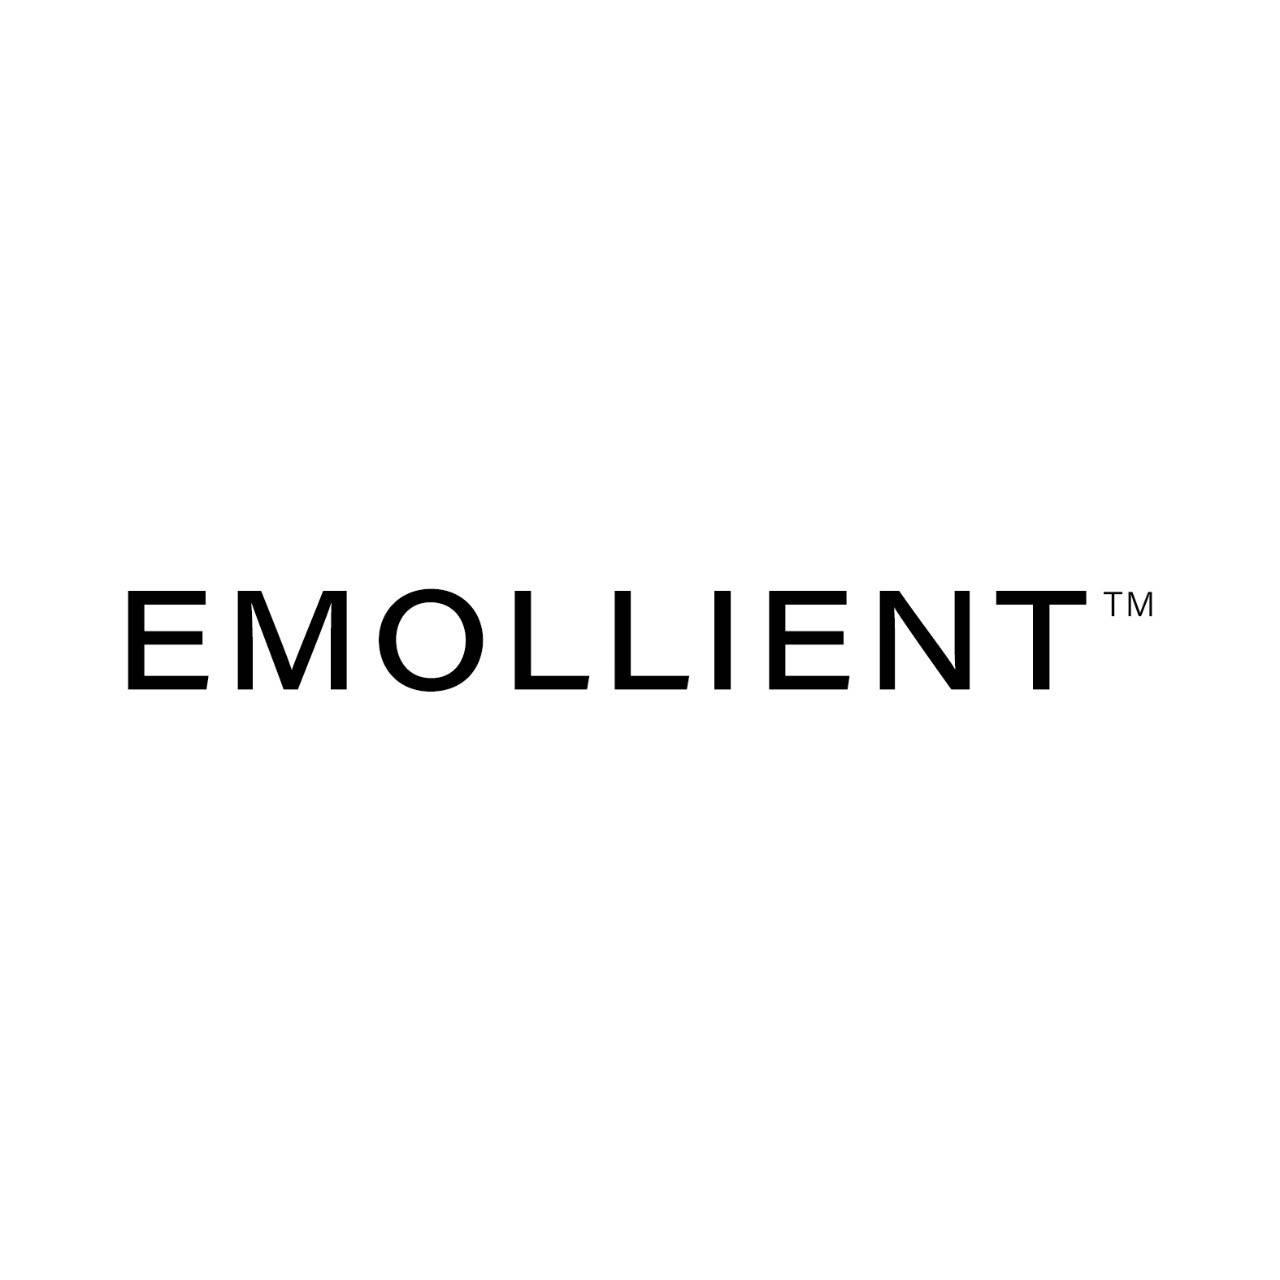 myemollient.com